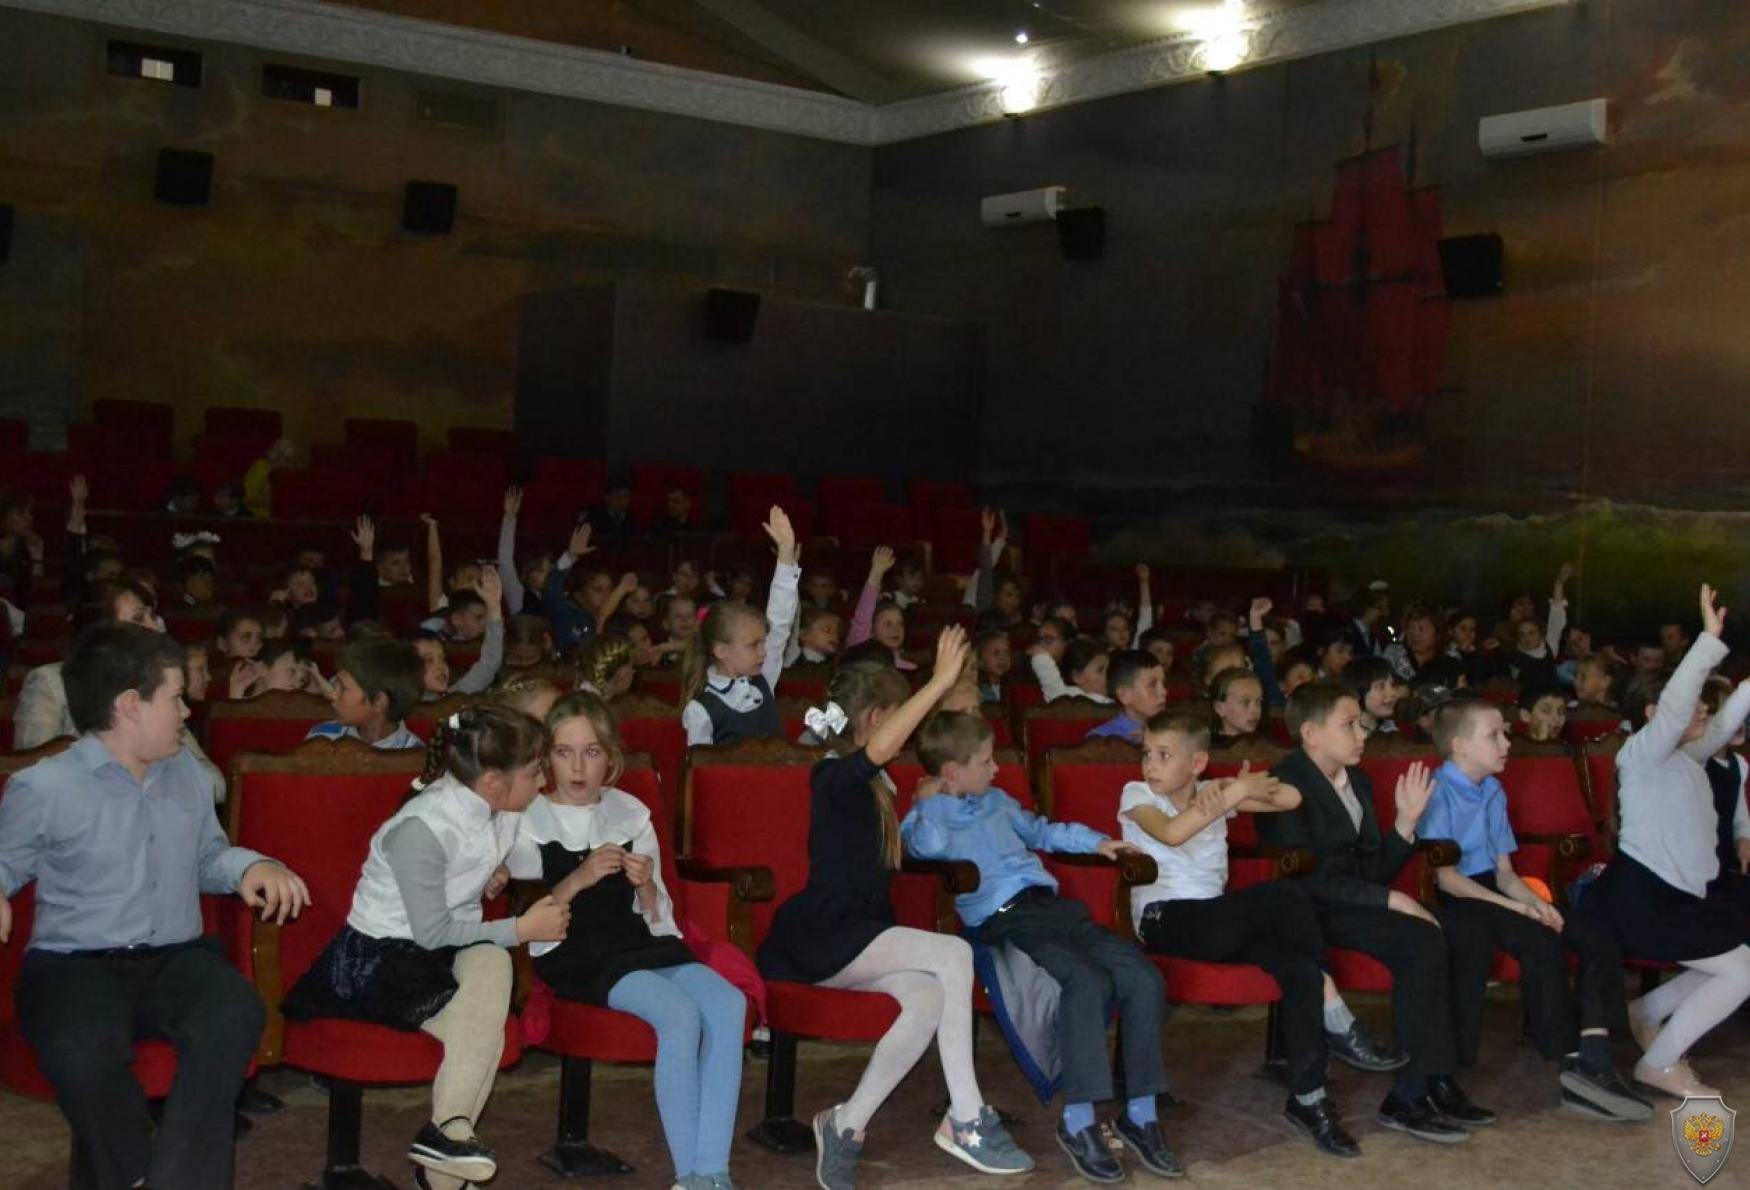 Проведено занятие по комплексной безопасности с учащимися младших классов школ Нахимовского района города Севастополя